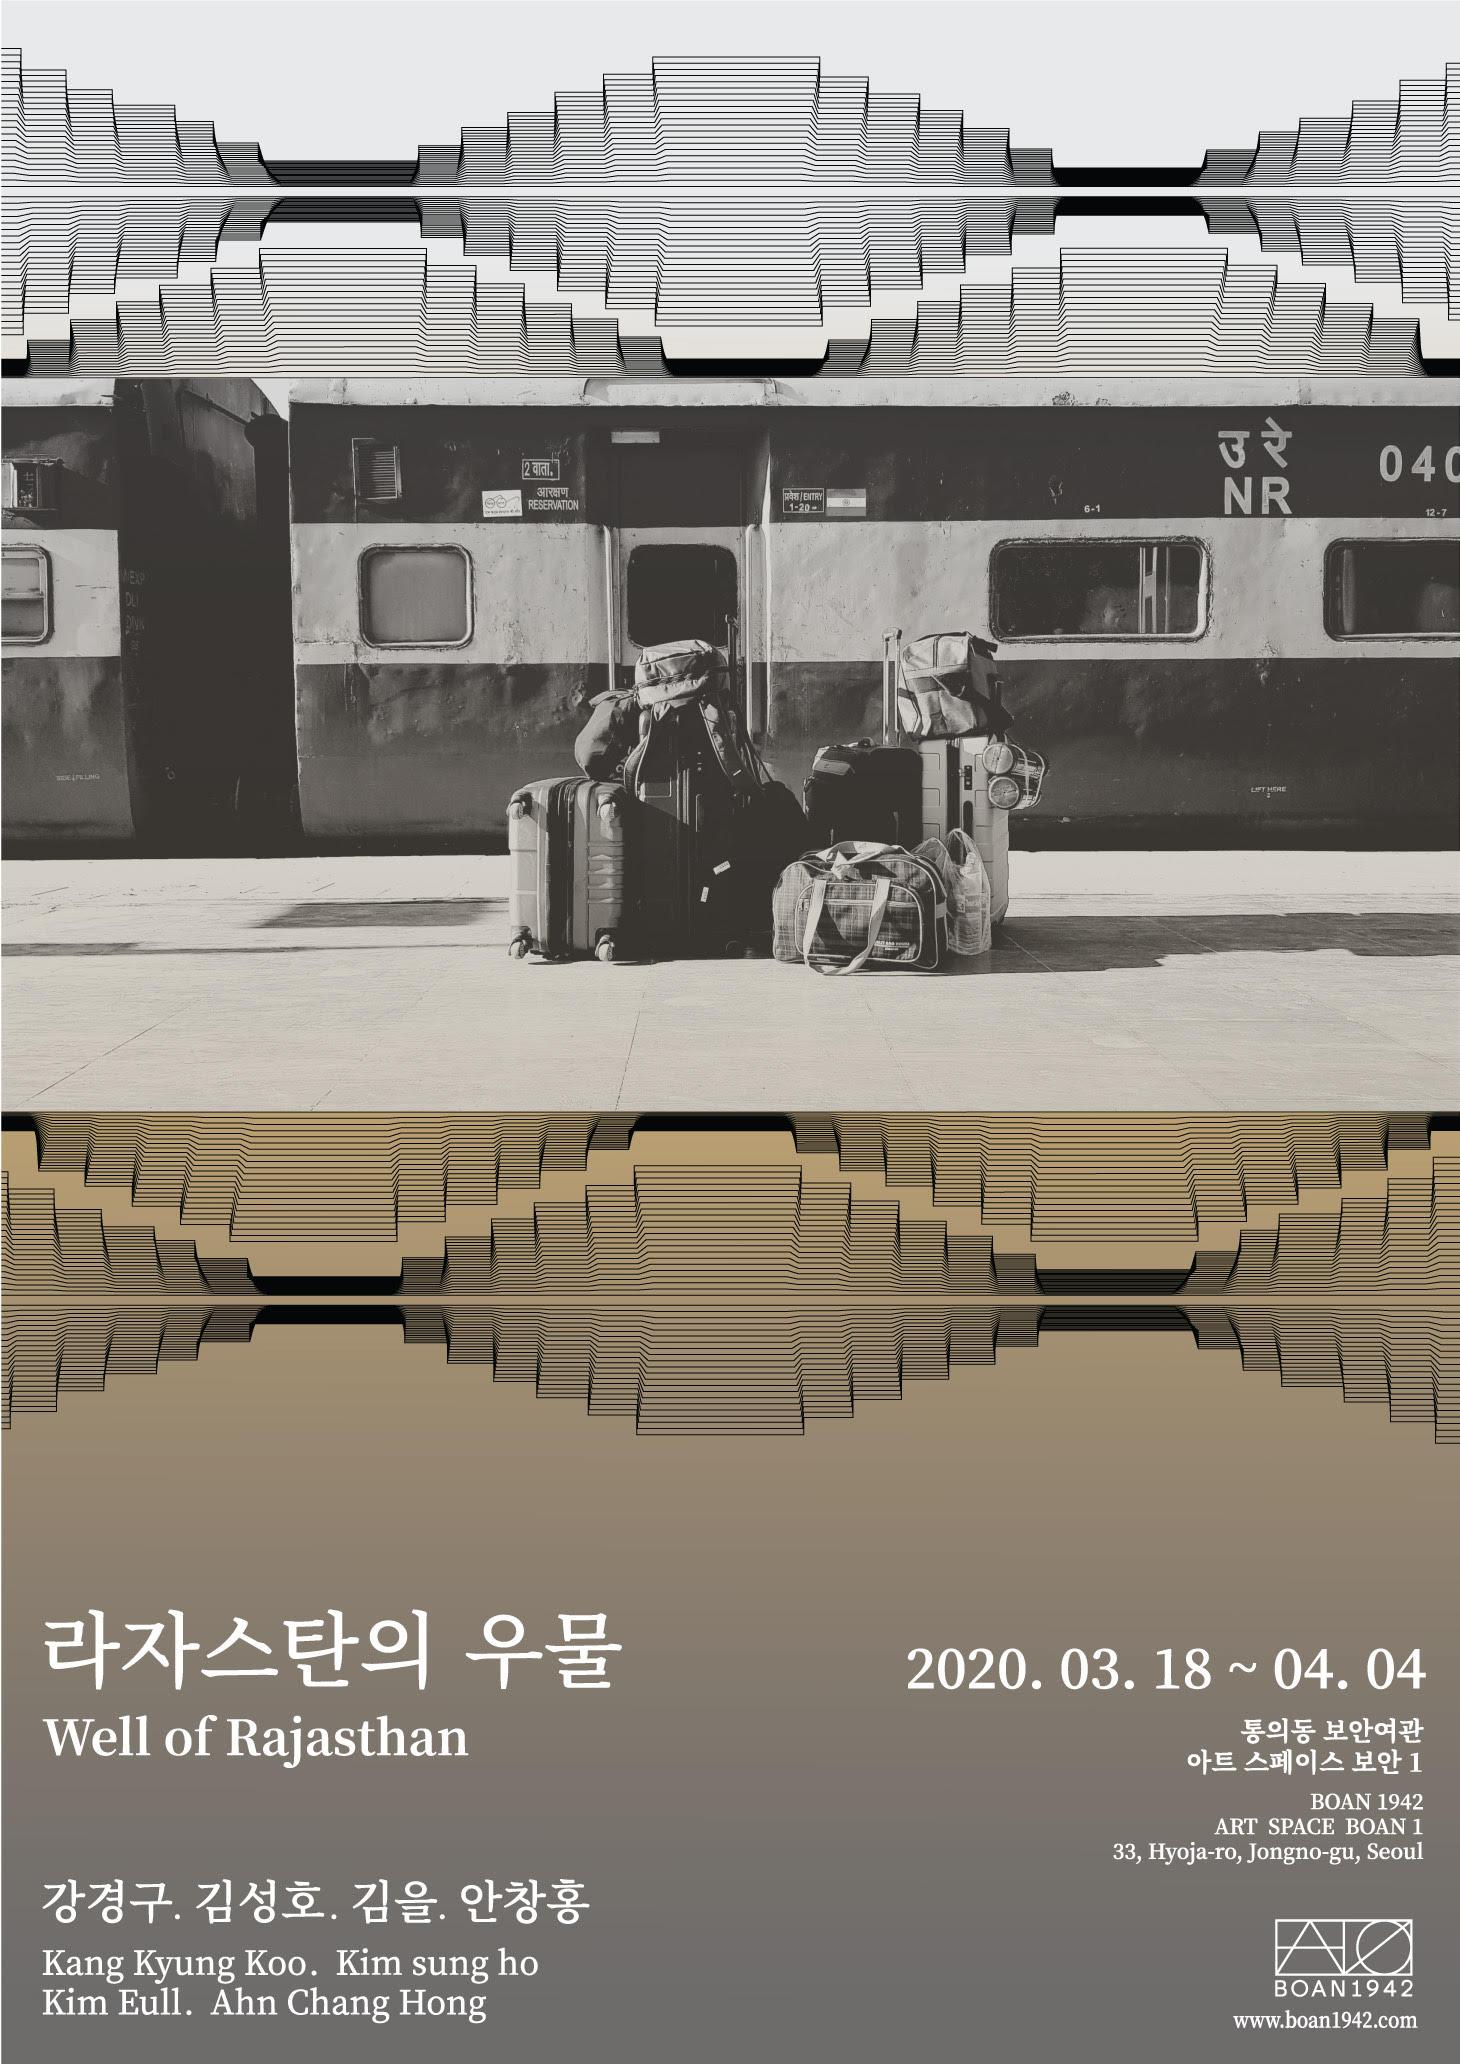 라자스탄의 우물 포스터_최종